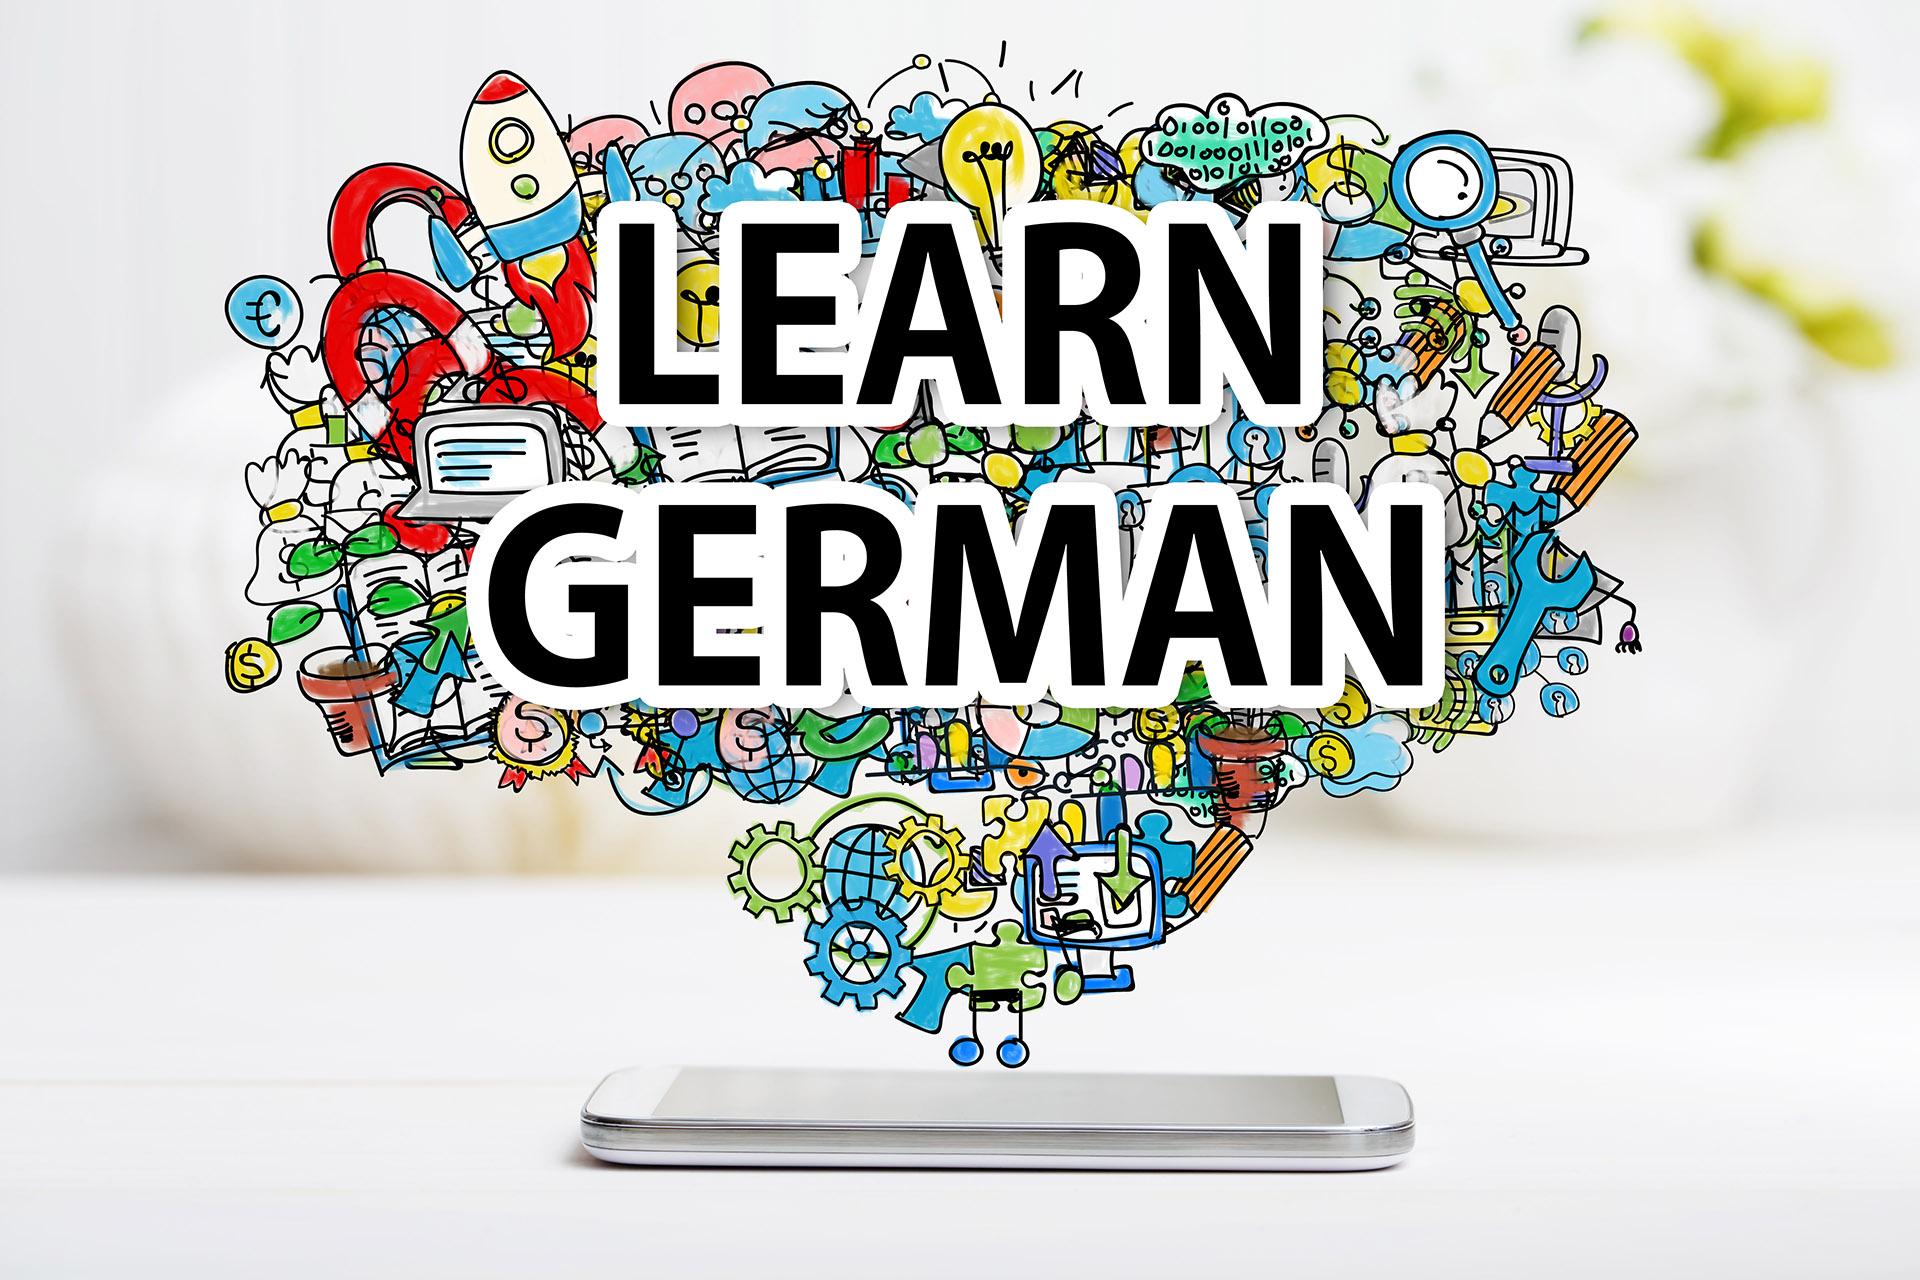 Γιατί να μάθω γερμανικά 2018